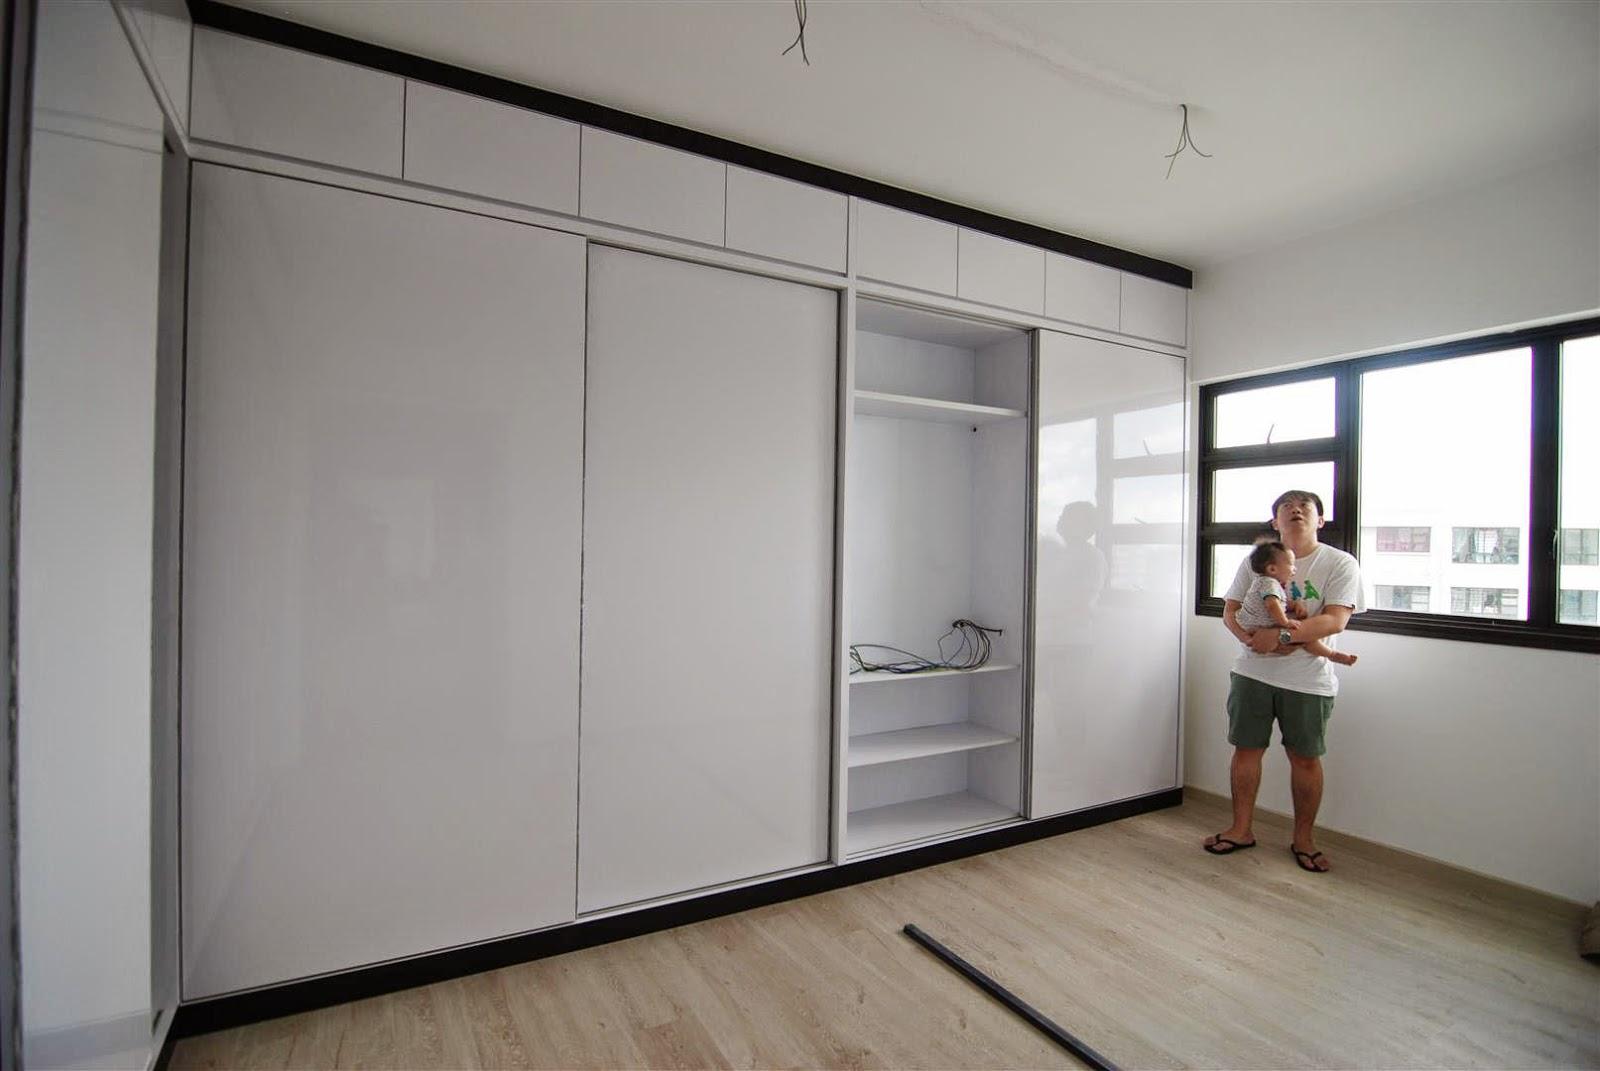 Butterpaperstudio Reno Yishun Riverwalk Study Room Bedrooms And Bathrooms